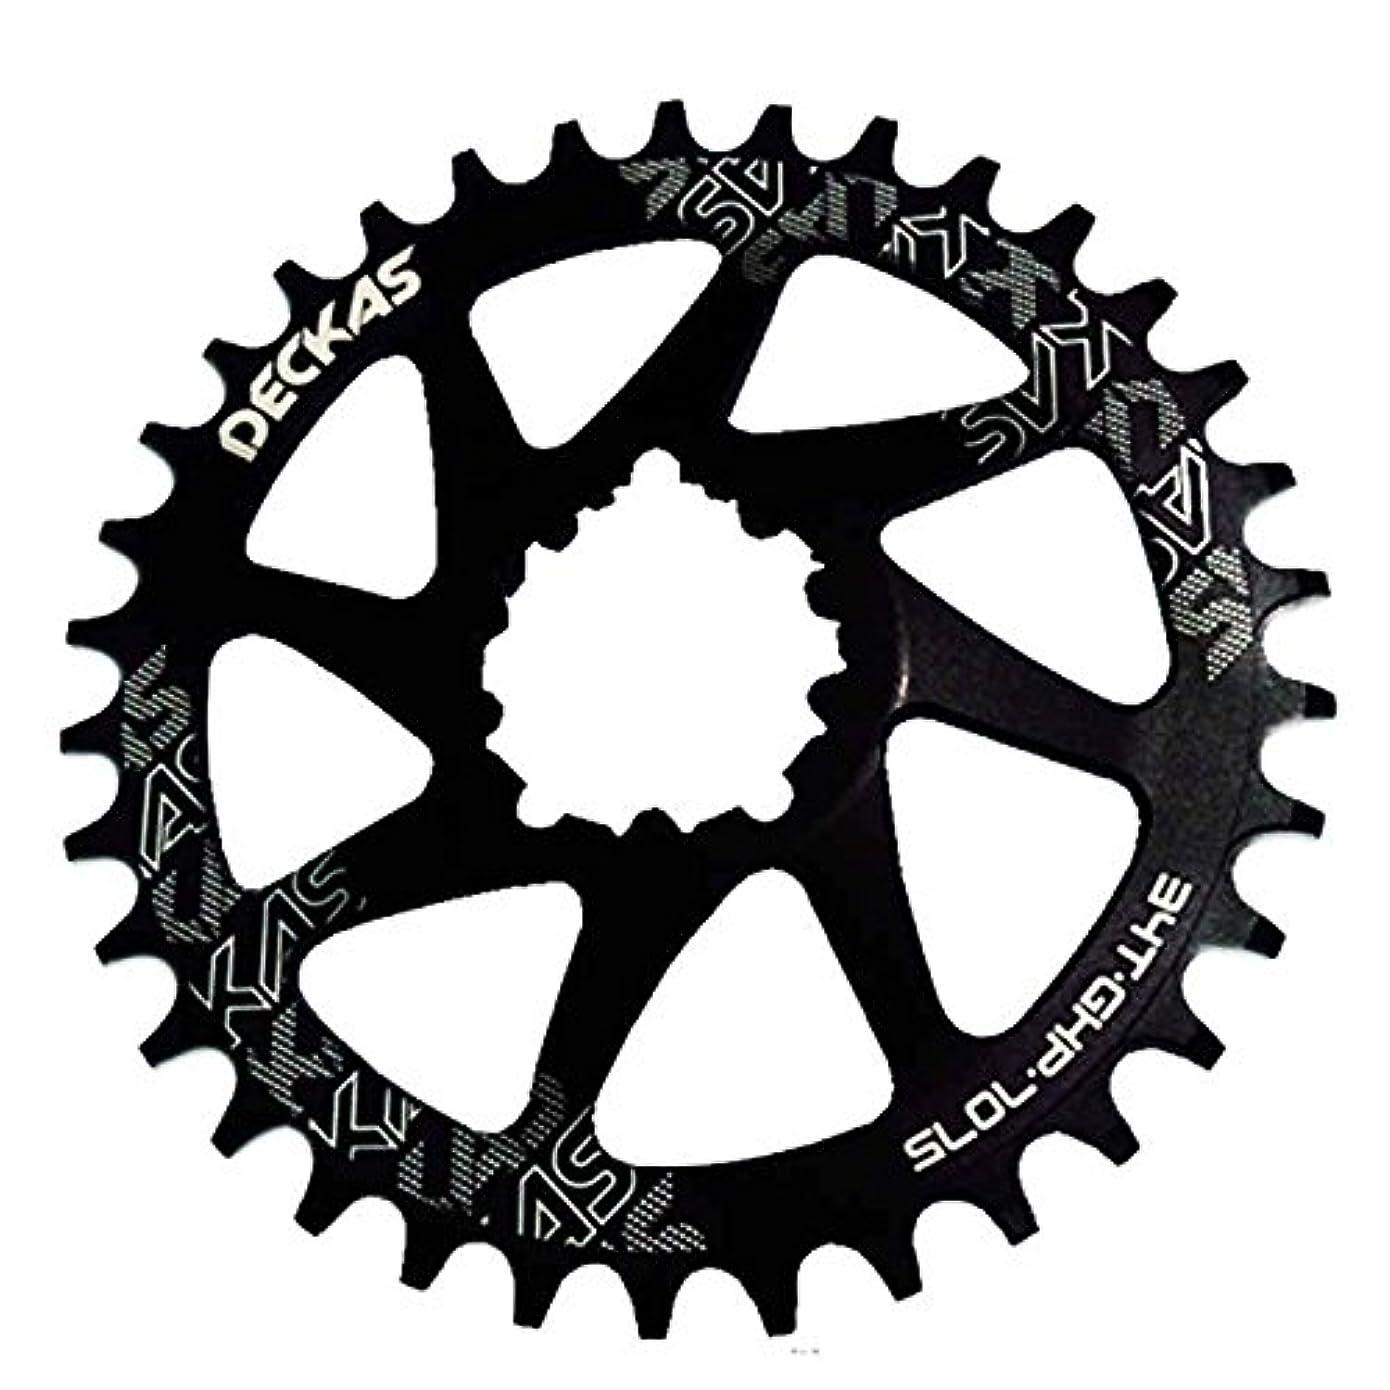 非武装化単独で人Propenary - GXP bicycle crankset Al 7075 CNC32T 34T Narrow Wide Chainring Chainwheel for Sram XX1 XO1 X1 GX XO X9 crankset bicycle parts [ 38T Black ]